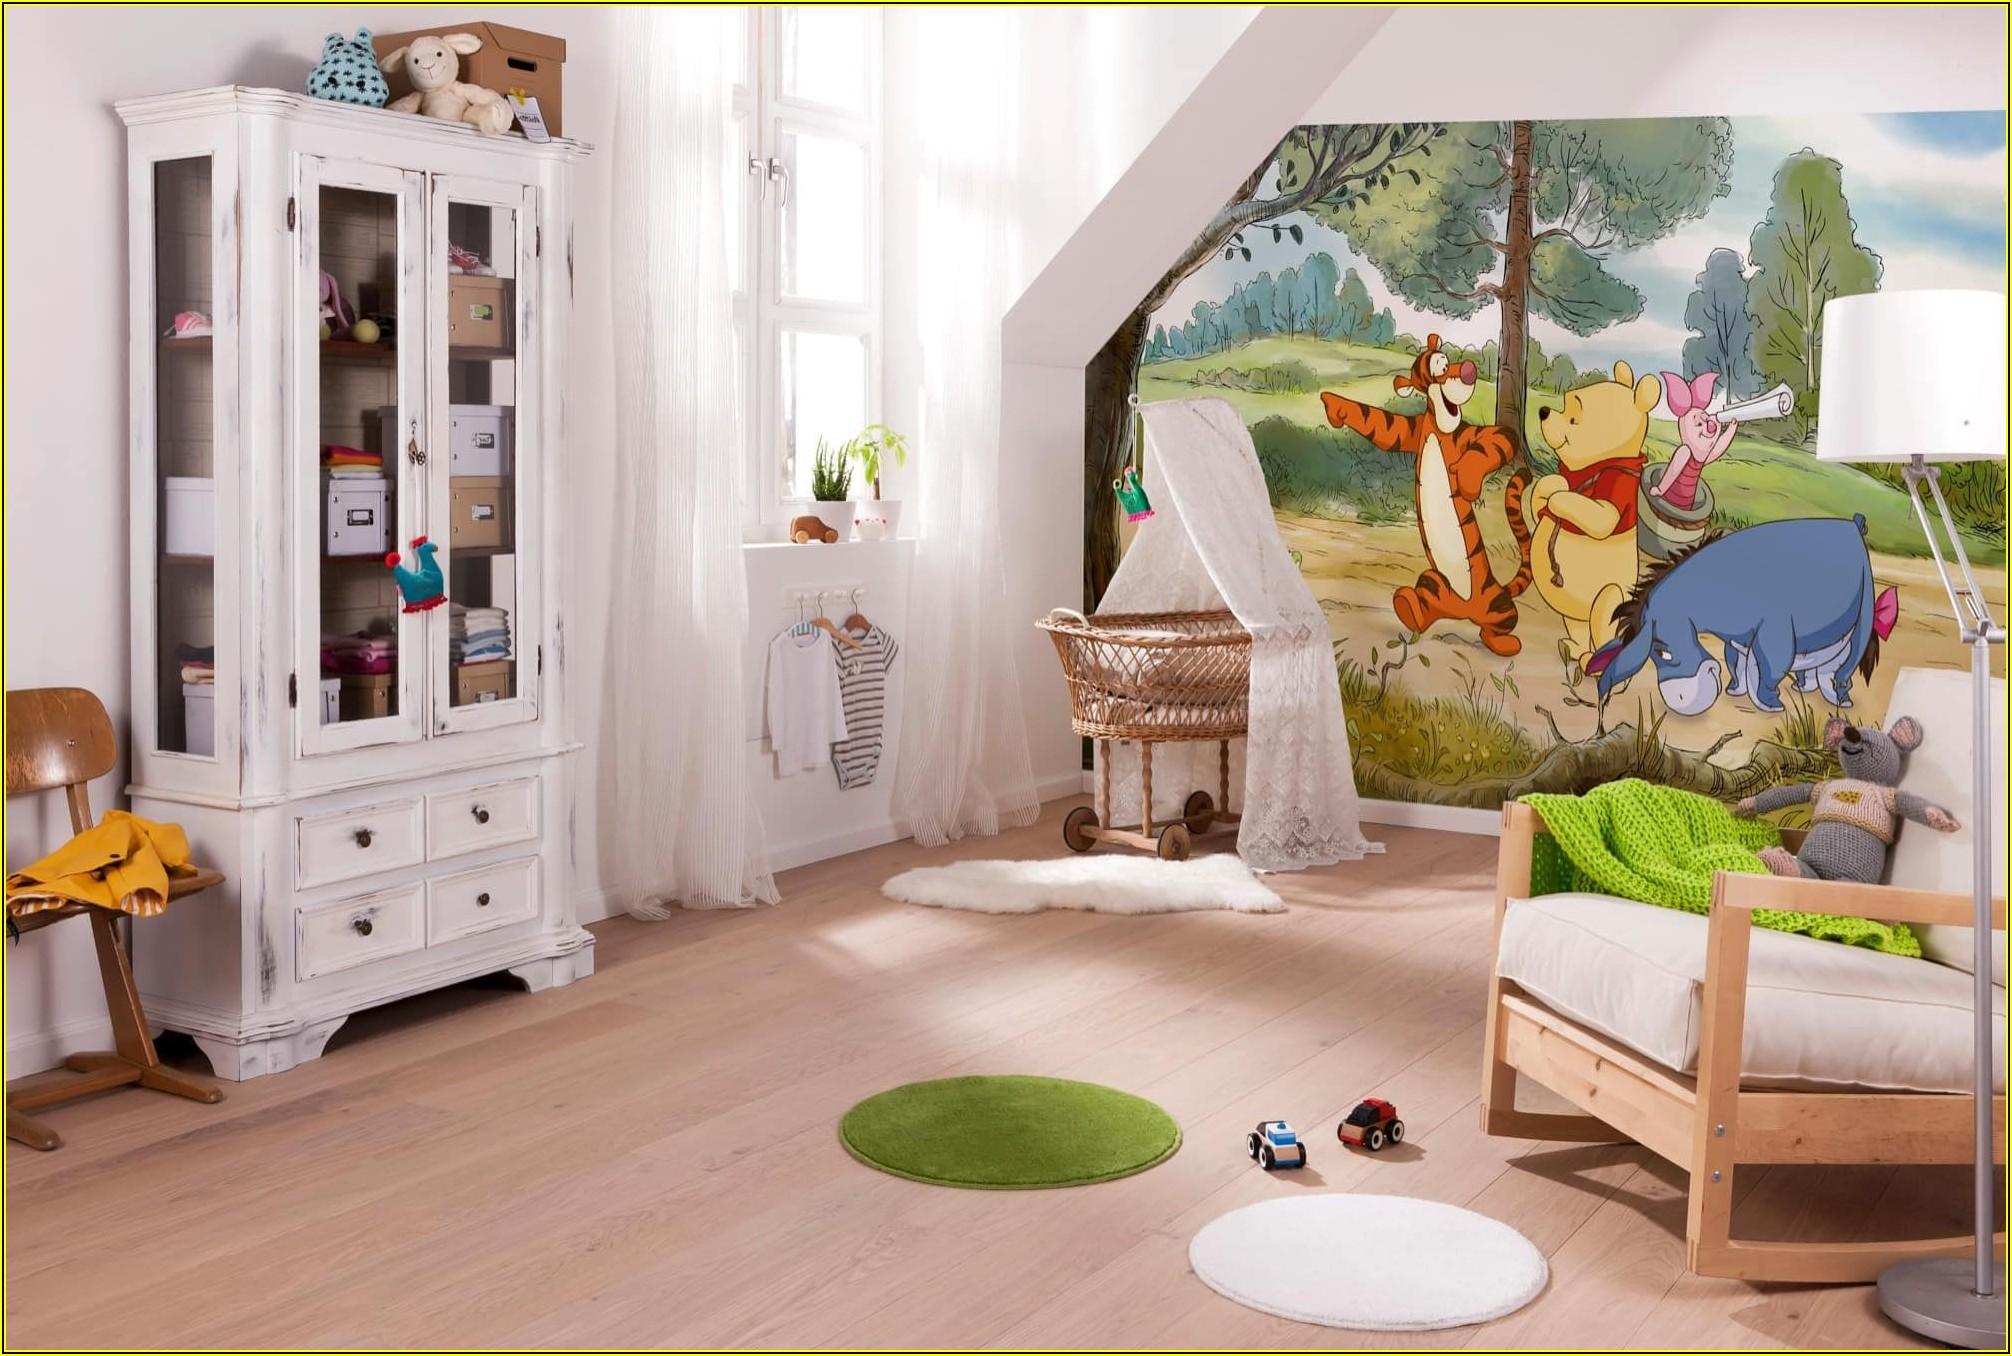 Fototapete Kinderzimmer Winnie Pooh